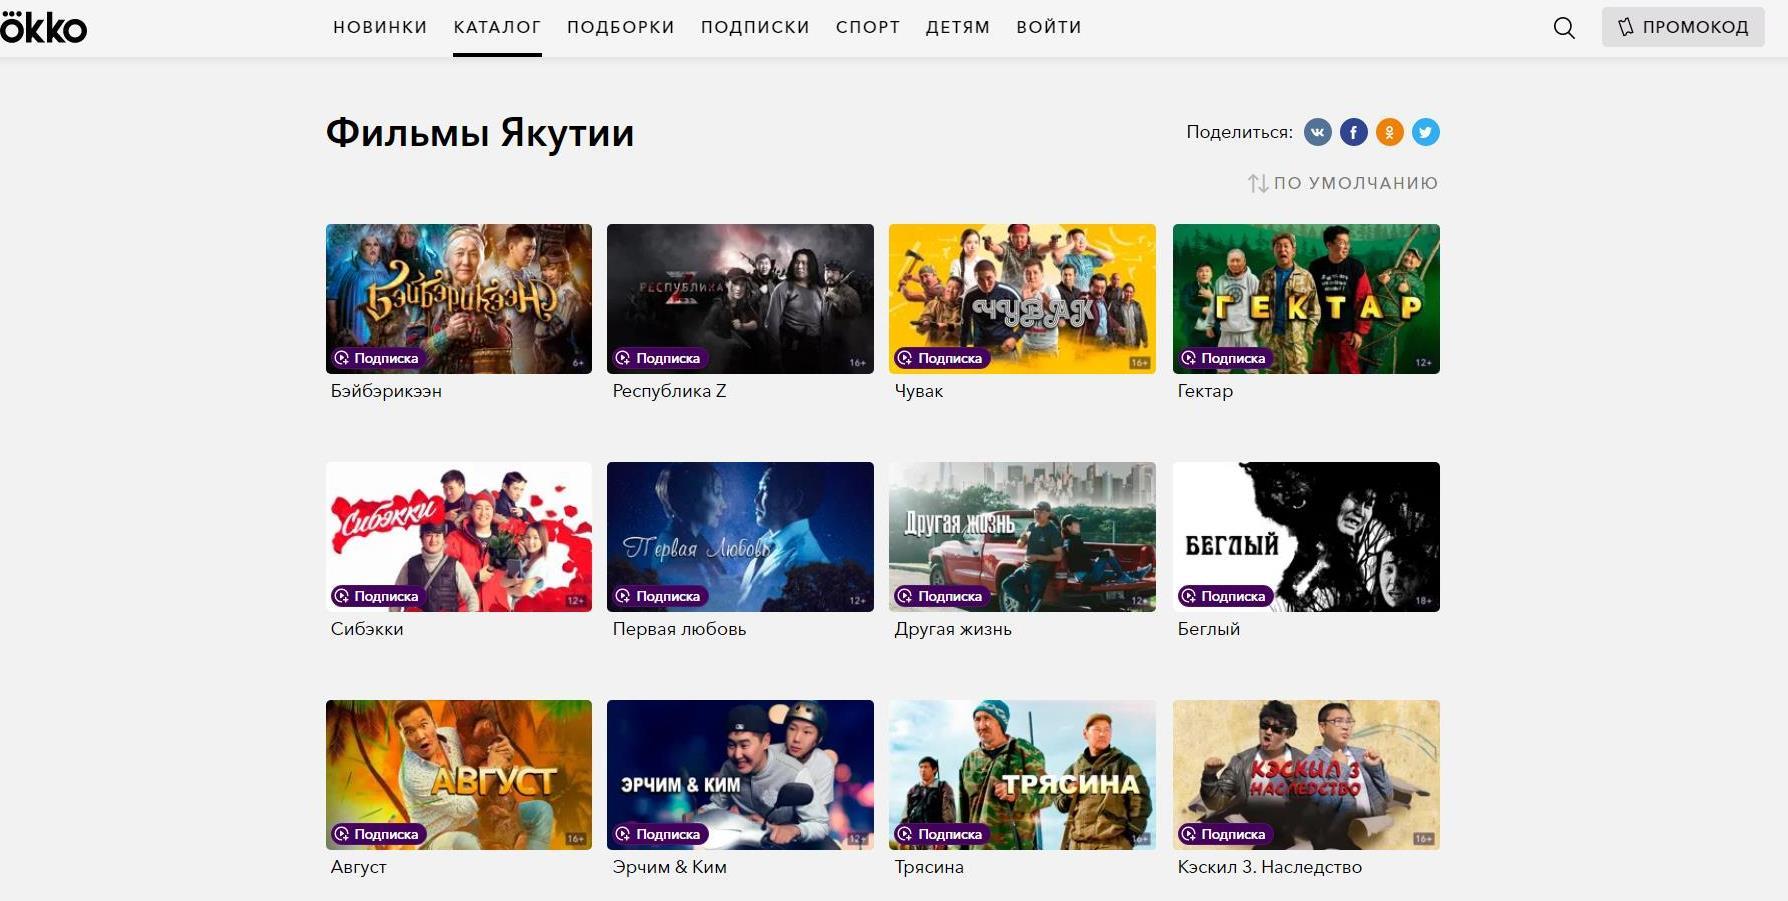 Якутские фильмы появились на мультимедийном сервисе Okko